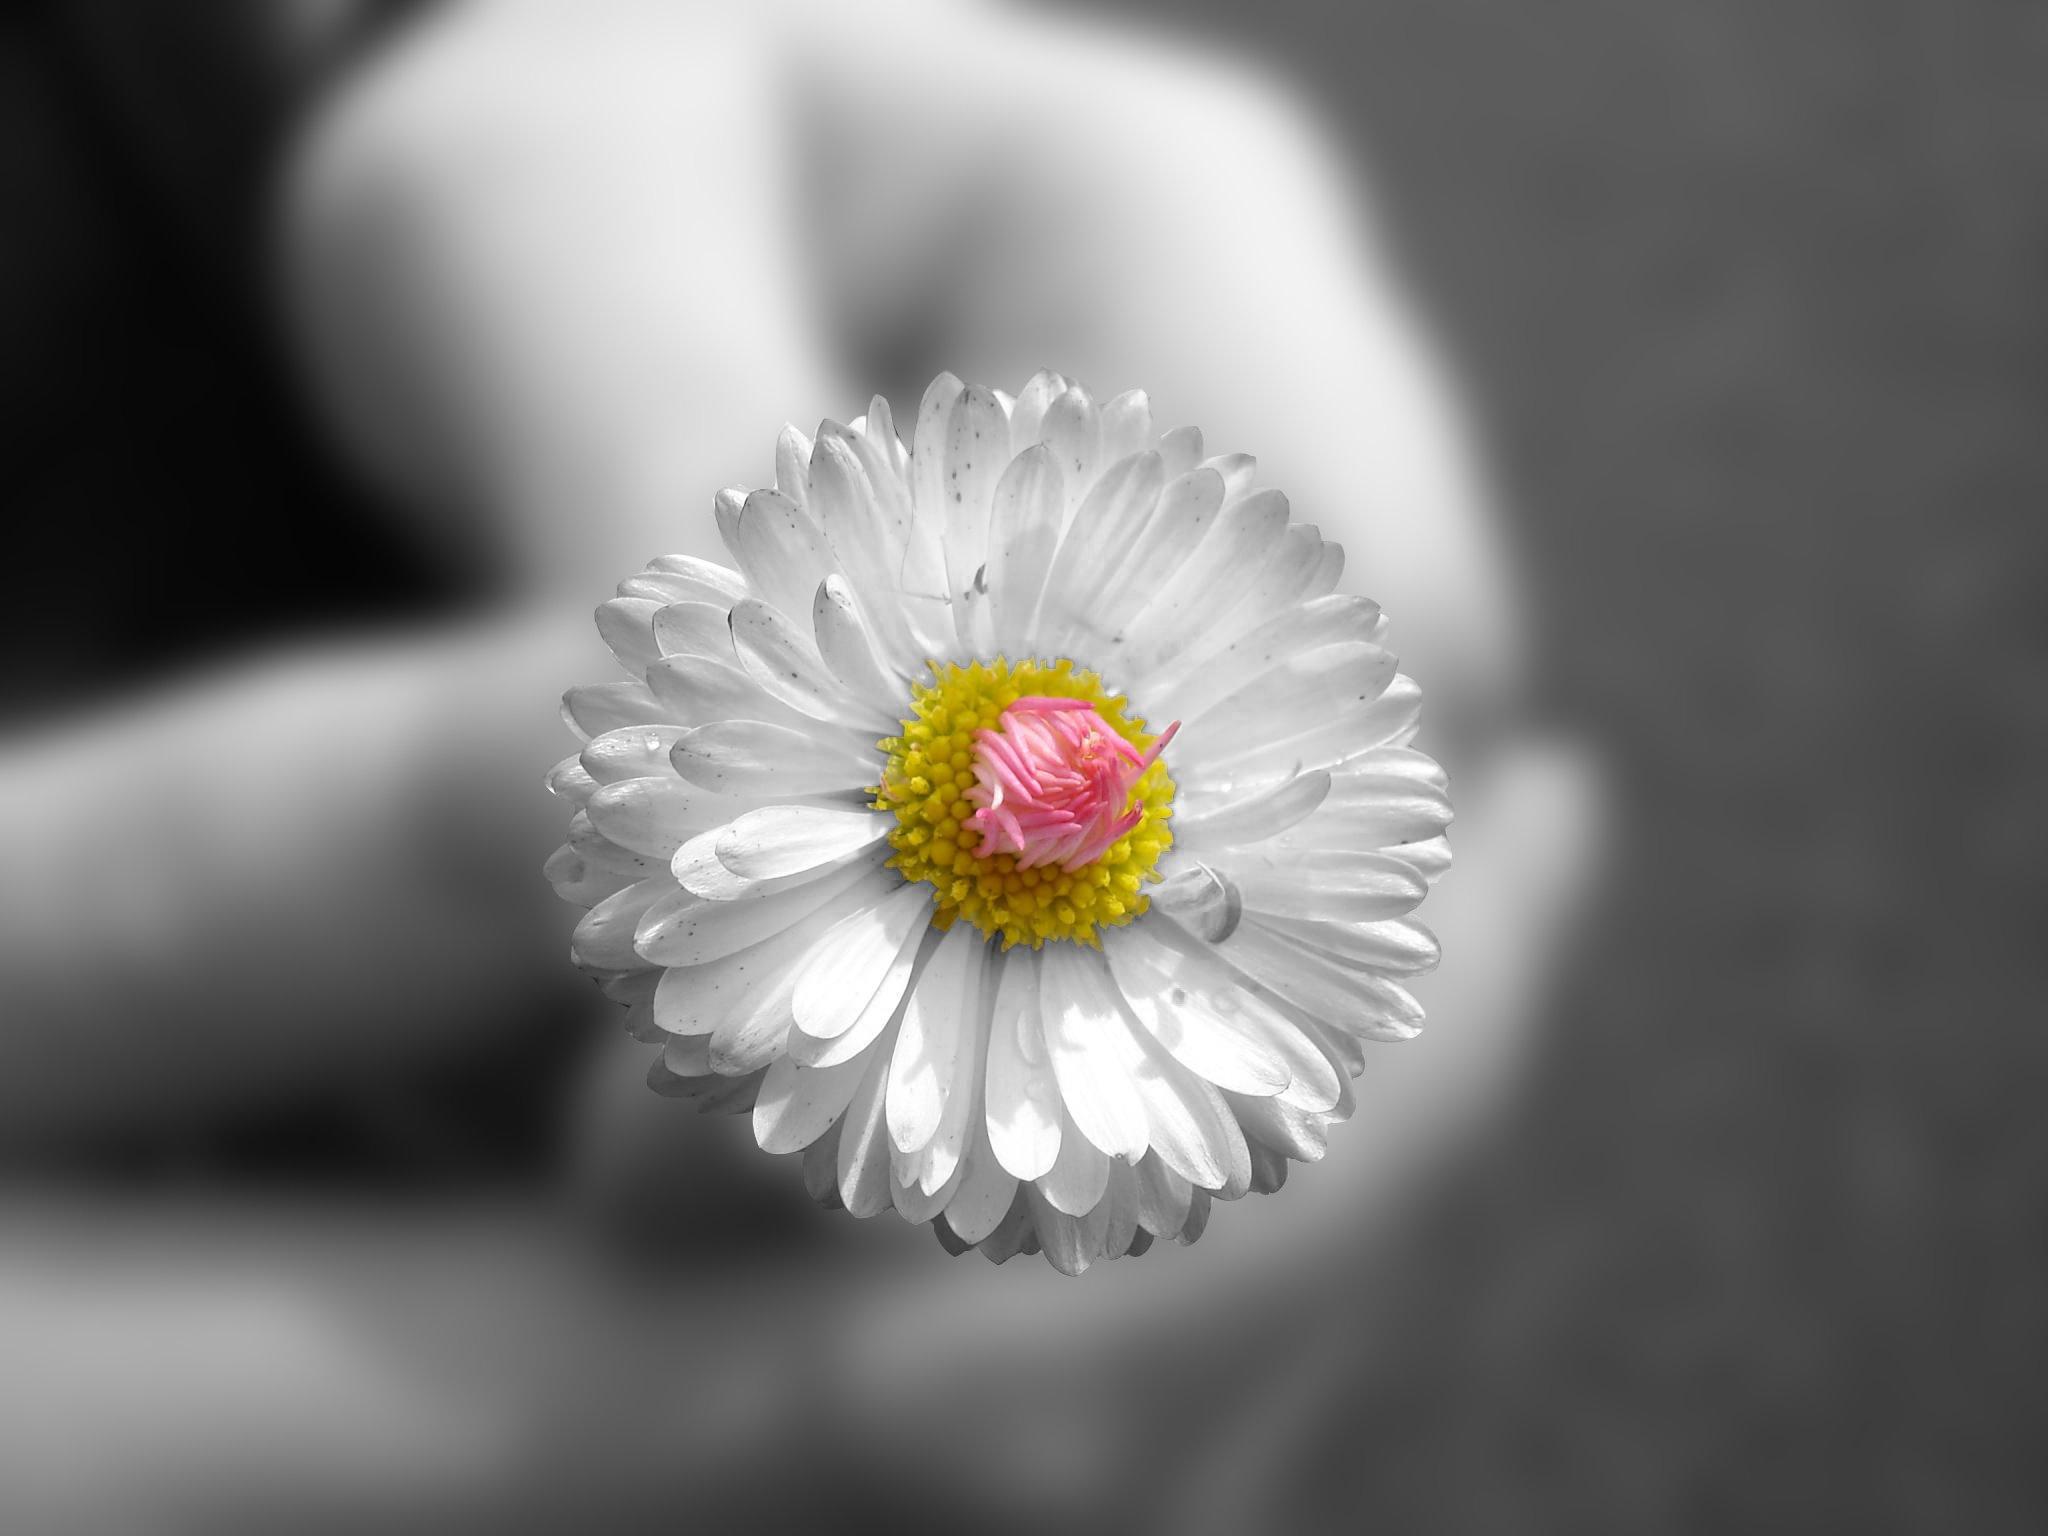 hình nền đẹp về loài hoa